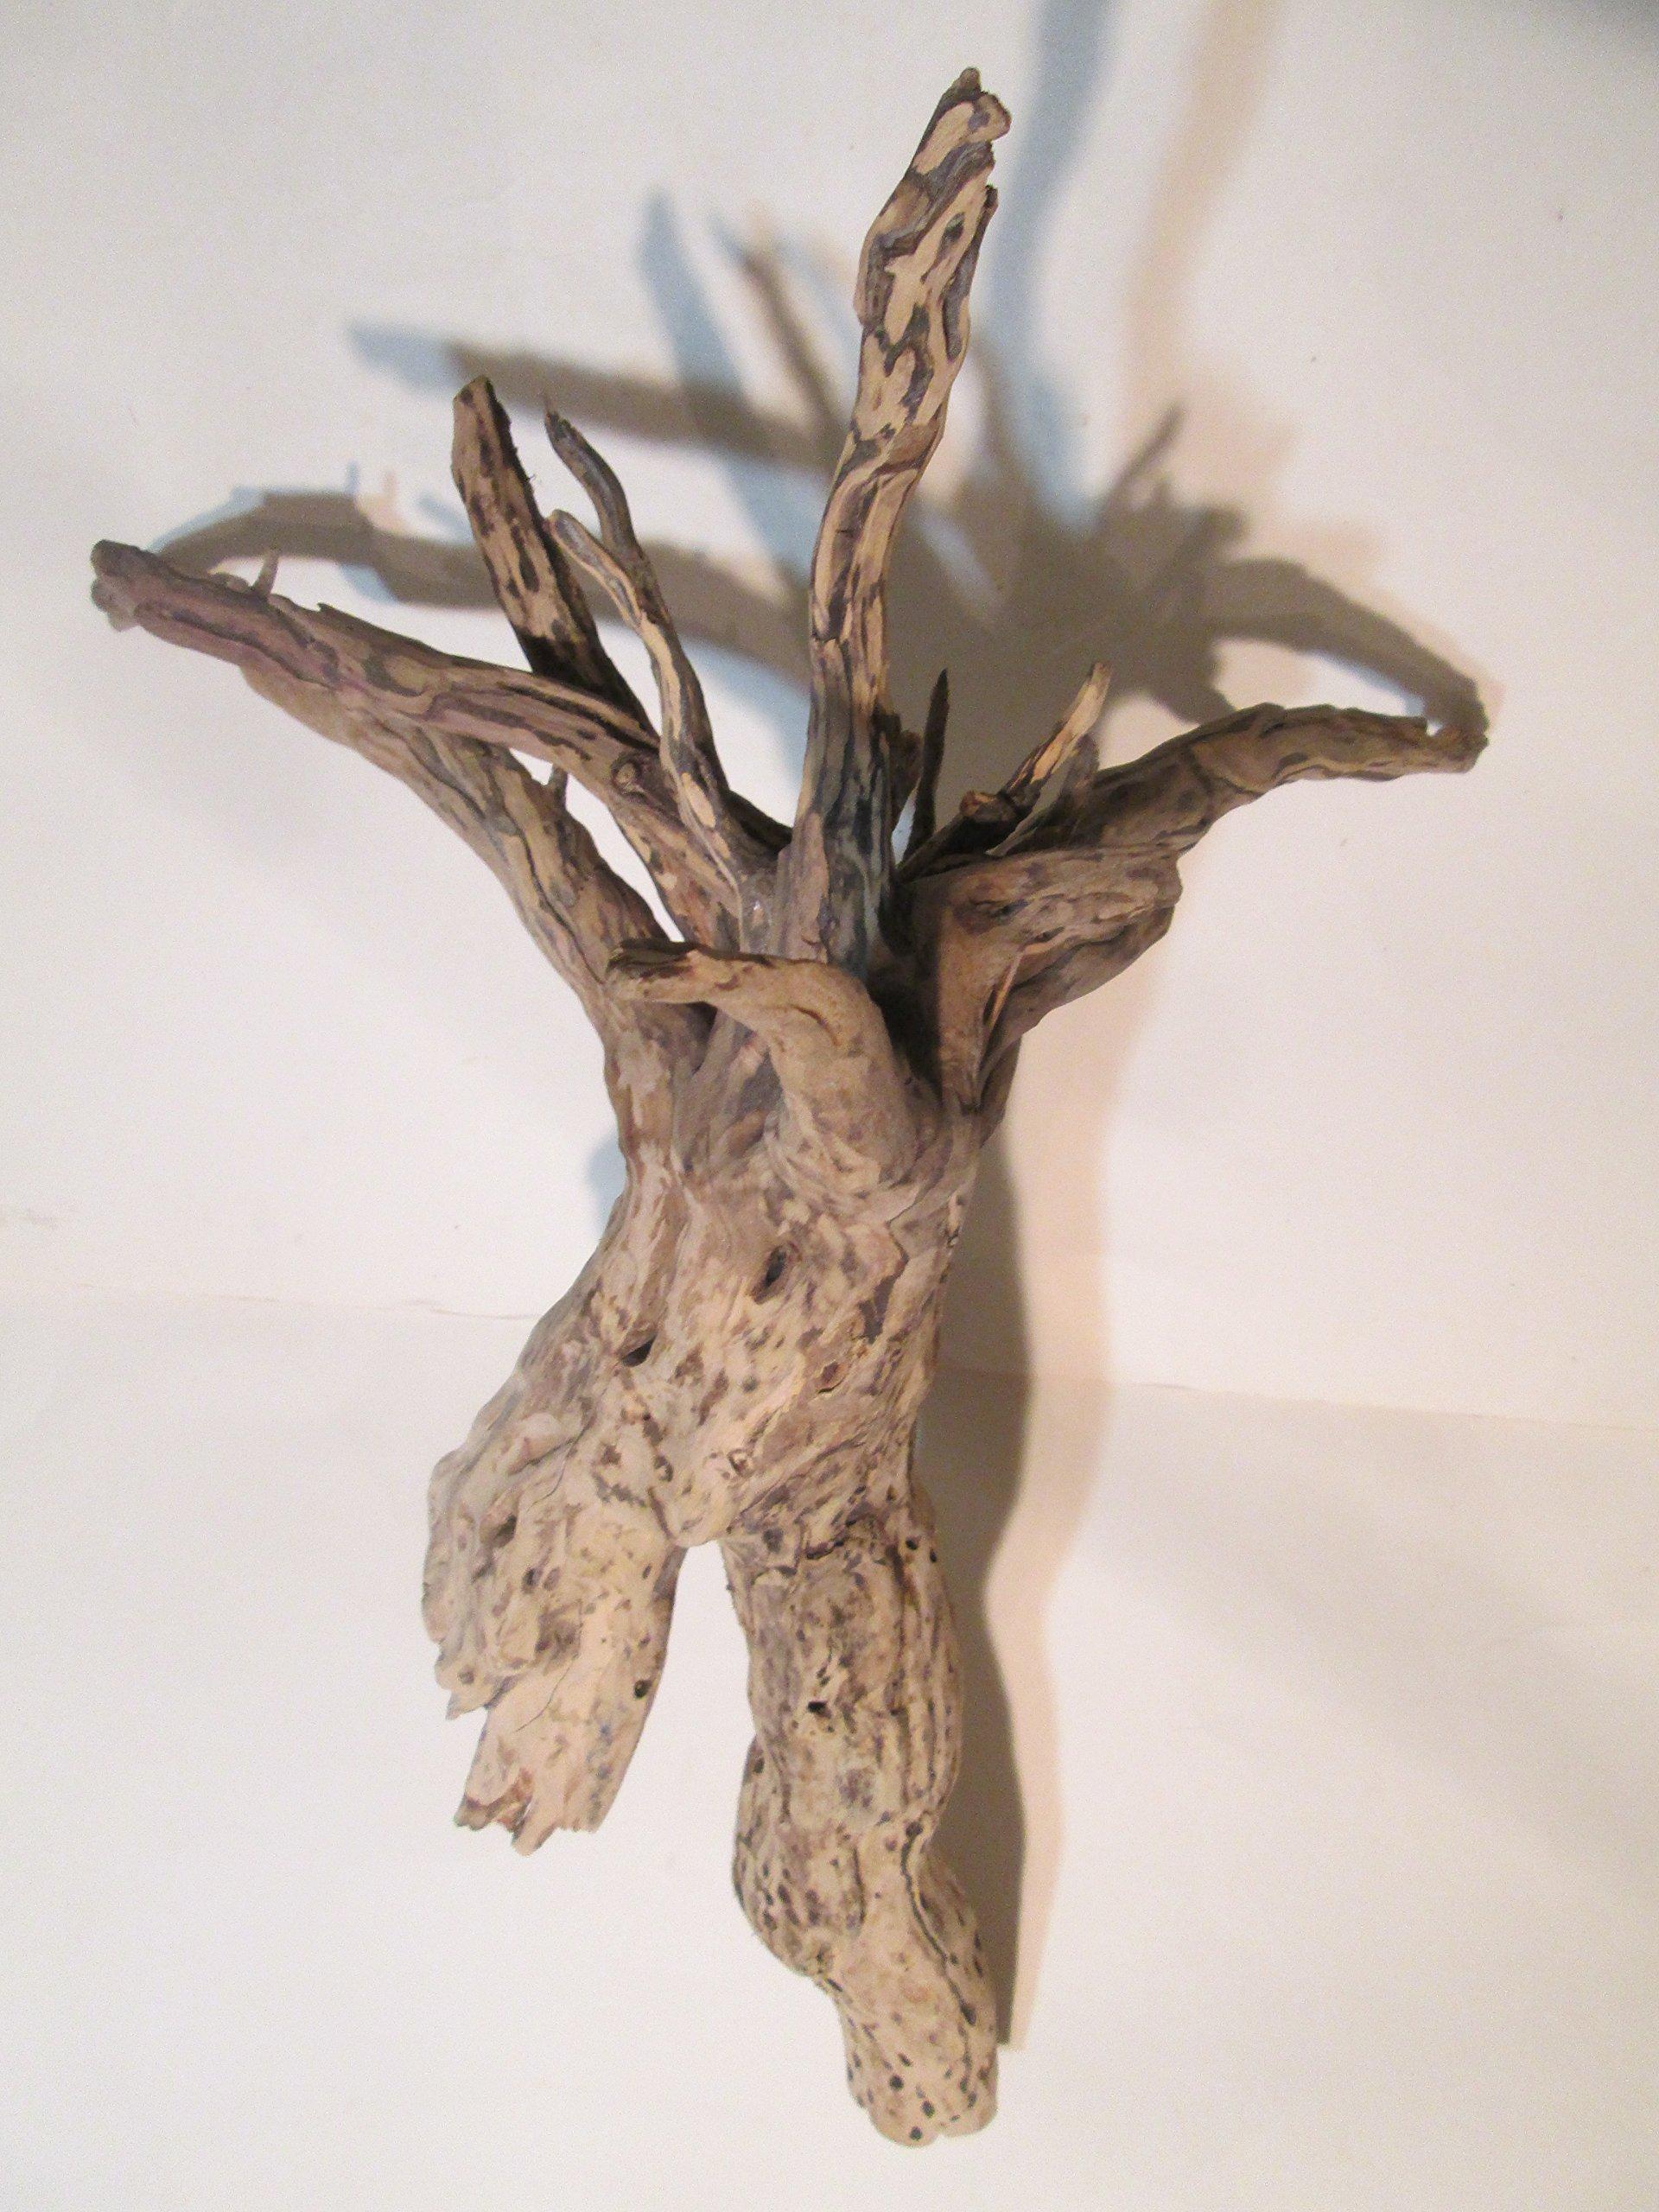 Unique Cholla Wood Piece x1 Cactus Wood Natural Aquarium Decor Organic For Shrimp Fish by Aqua Emporium